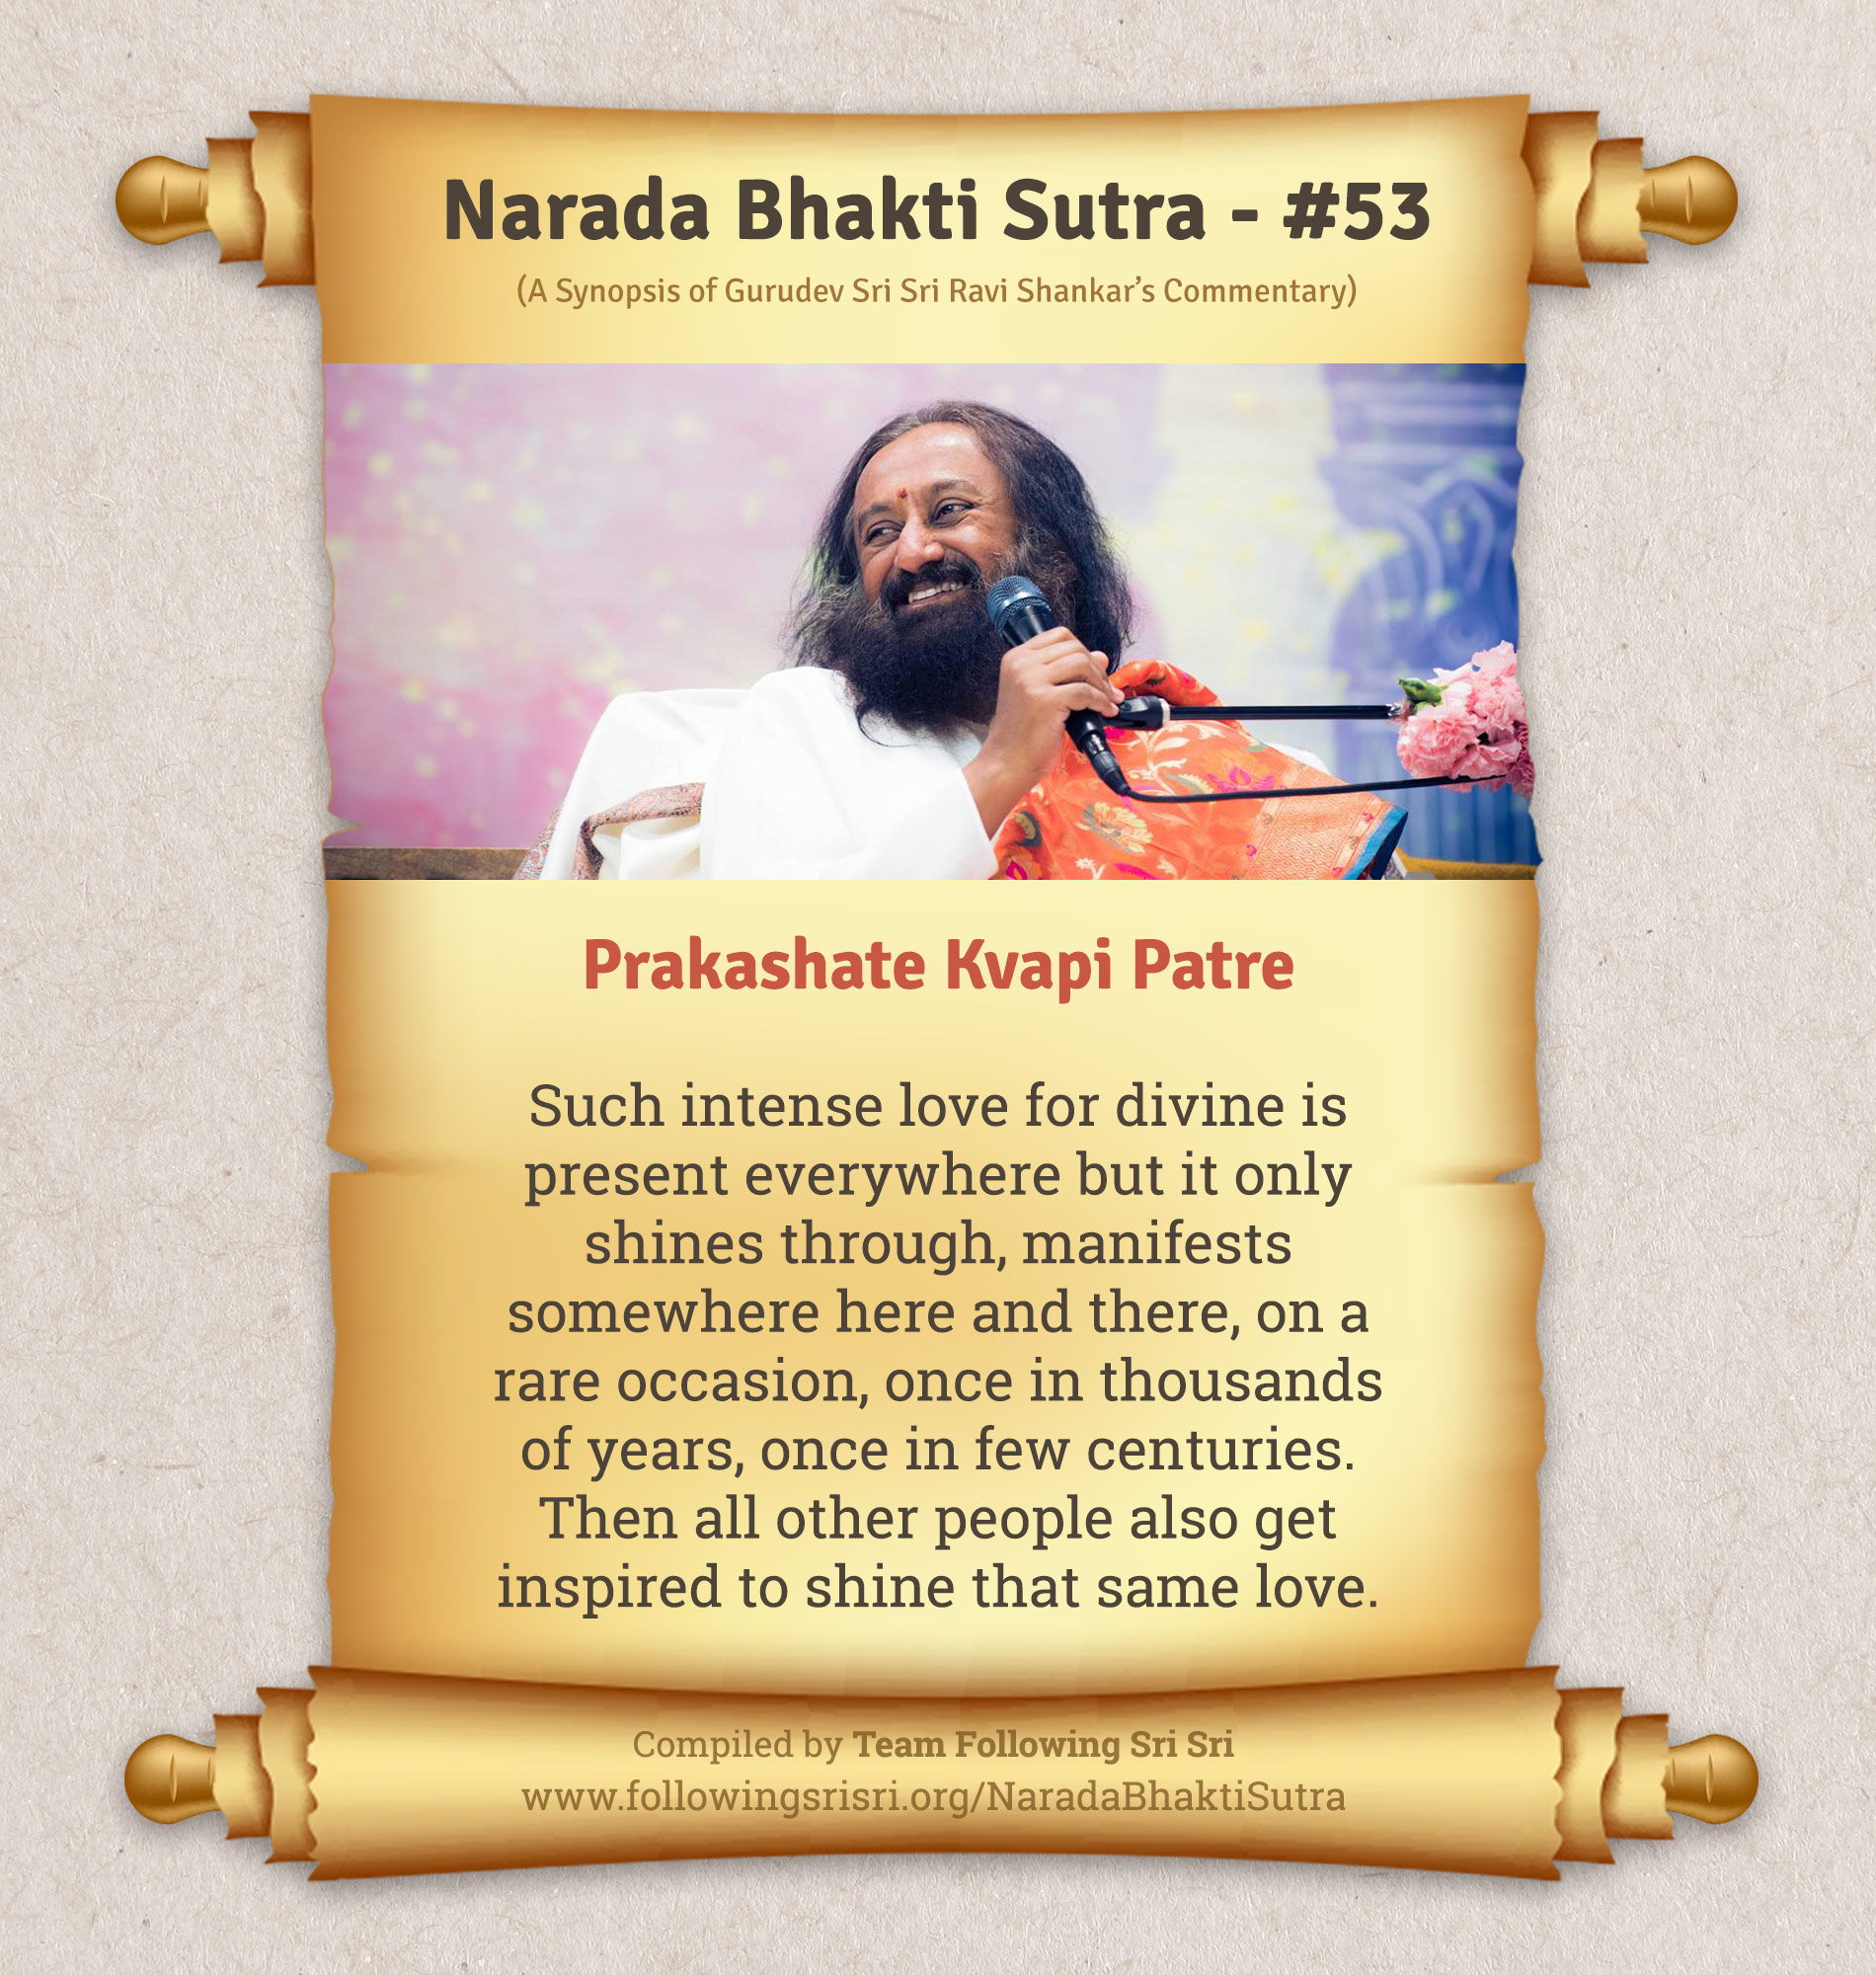 Narada Bhakti Sutras - Sutra 53